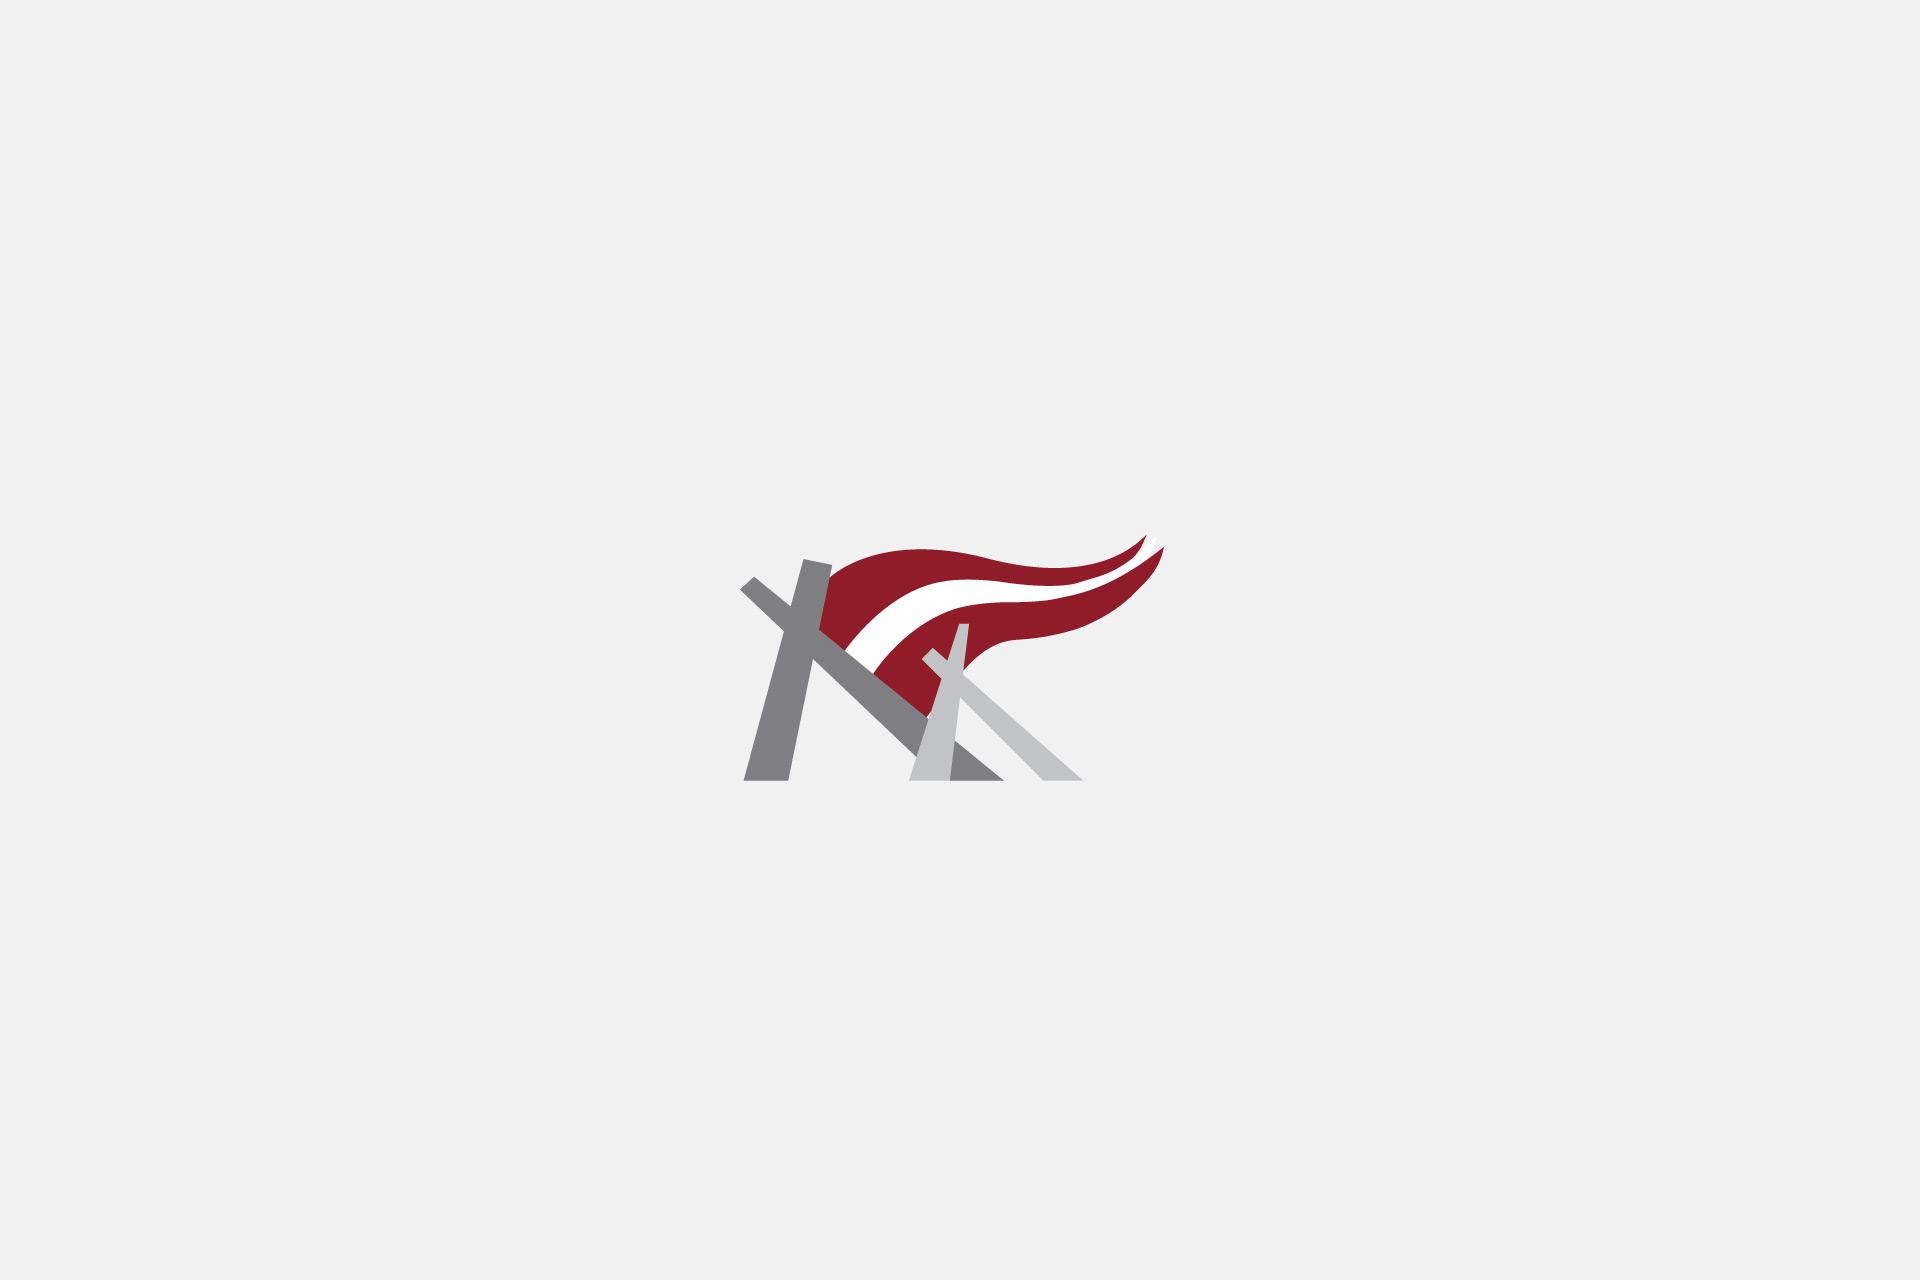 freakart_lv_latvijas_neatkaribas_20_gadskartas_logotips_01